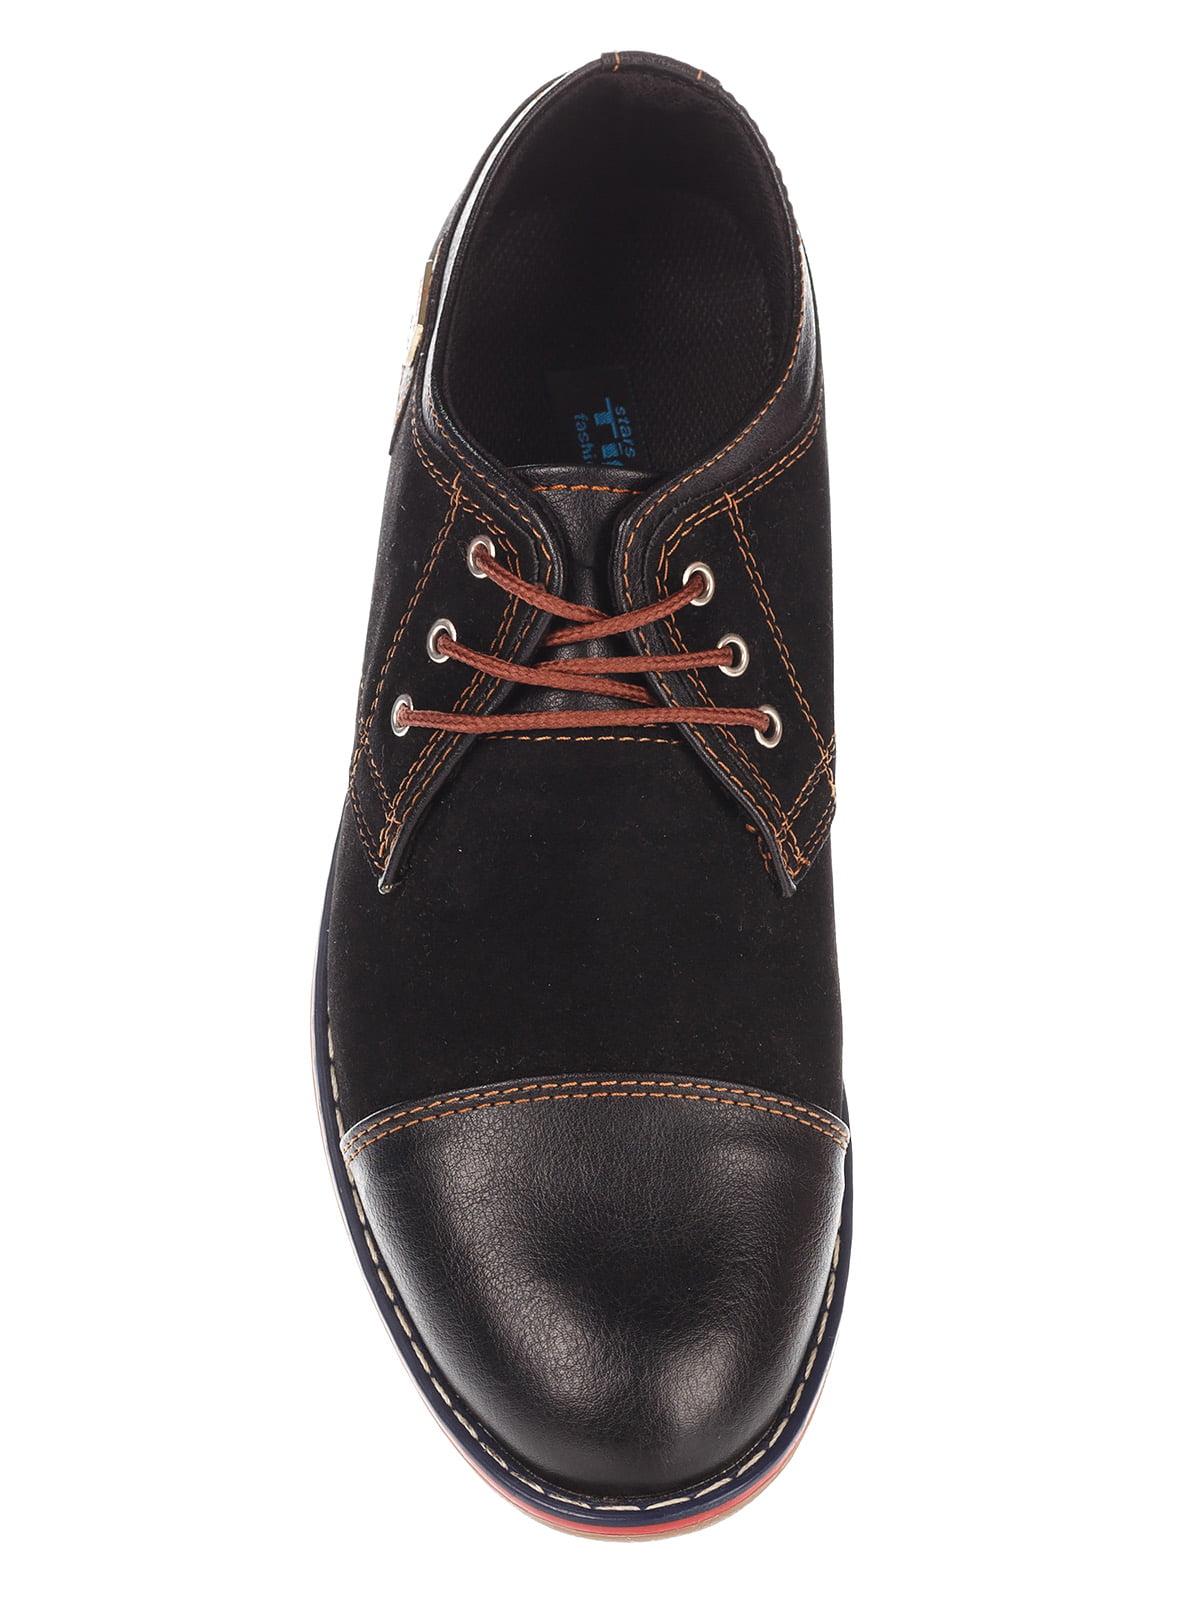 Туфли темно-коричневые   3507081   фото 6